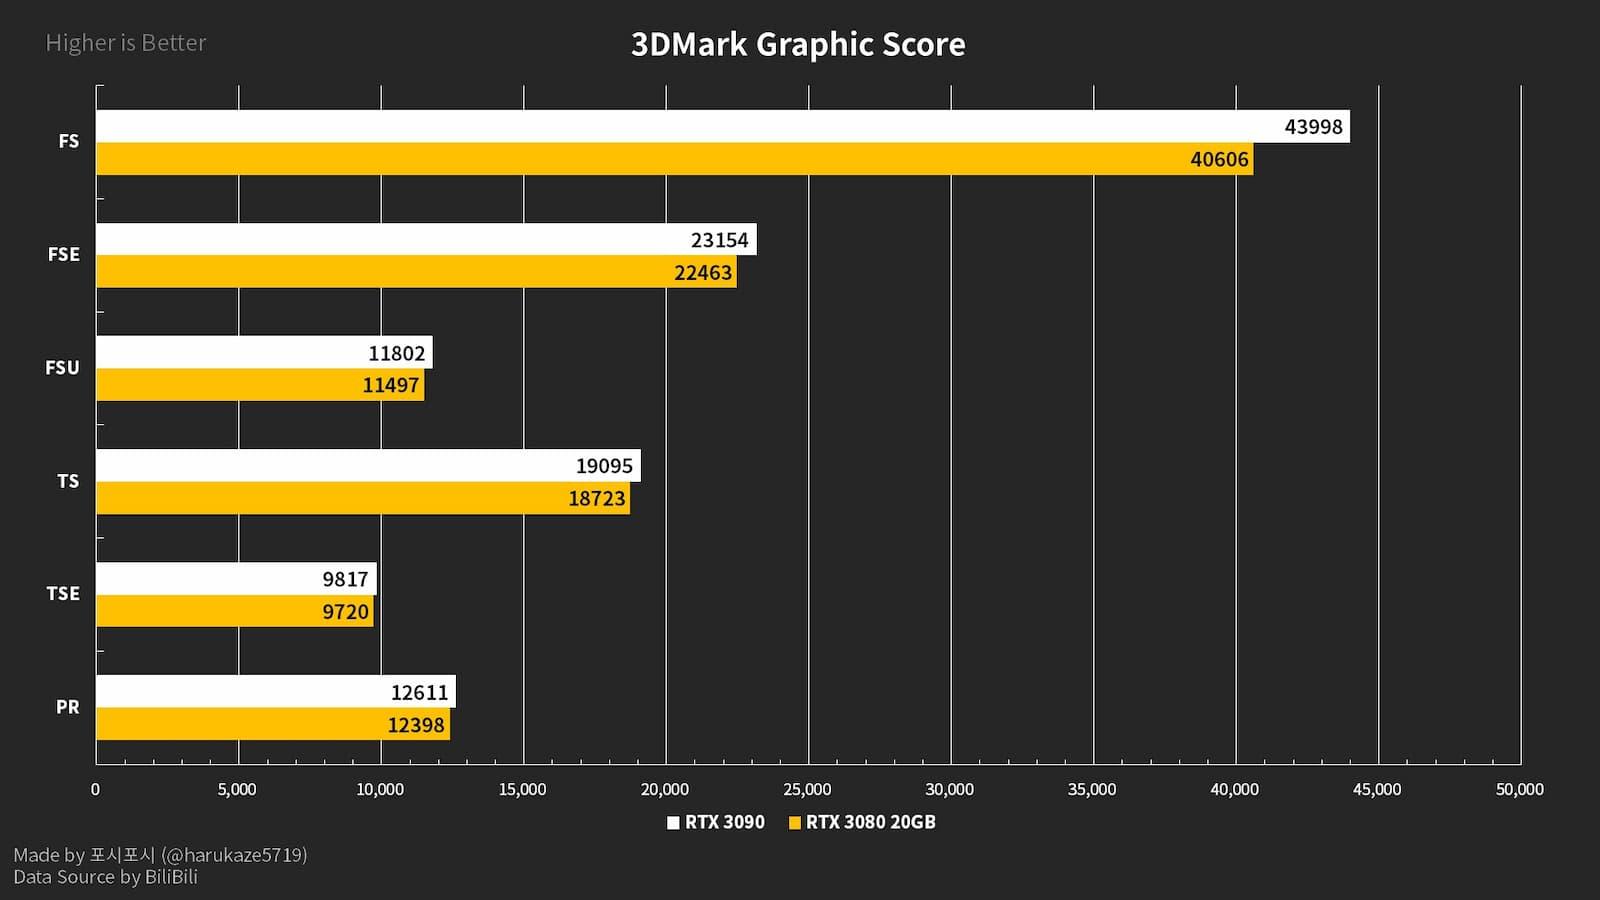 RTX-3080-Ti-vs-RTX-3080-20GB-vs-RTX-3090